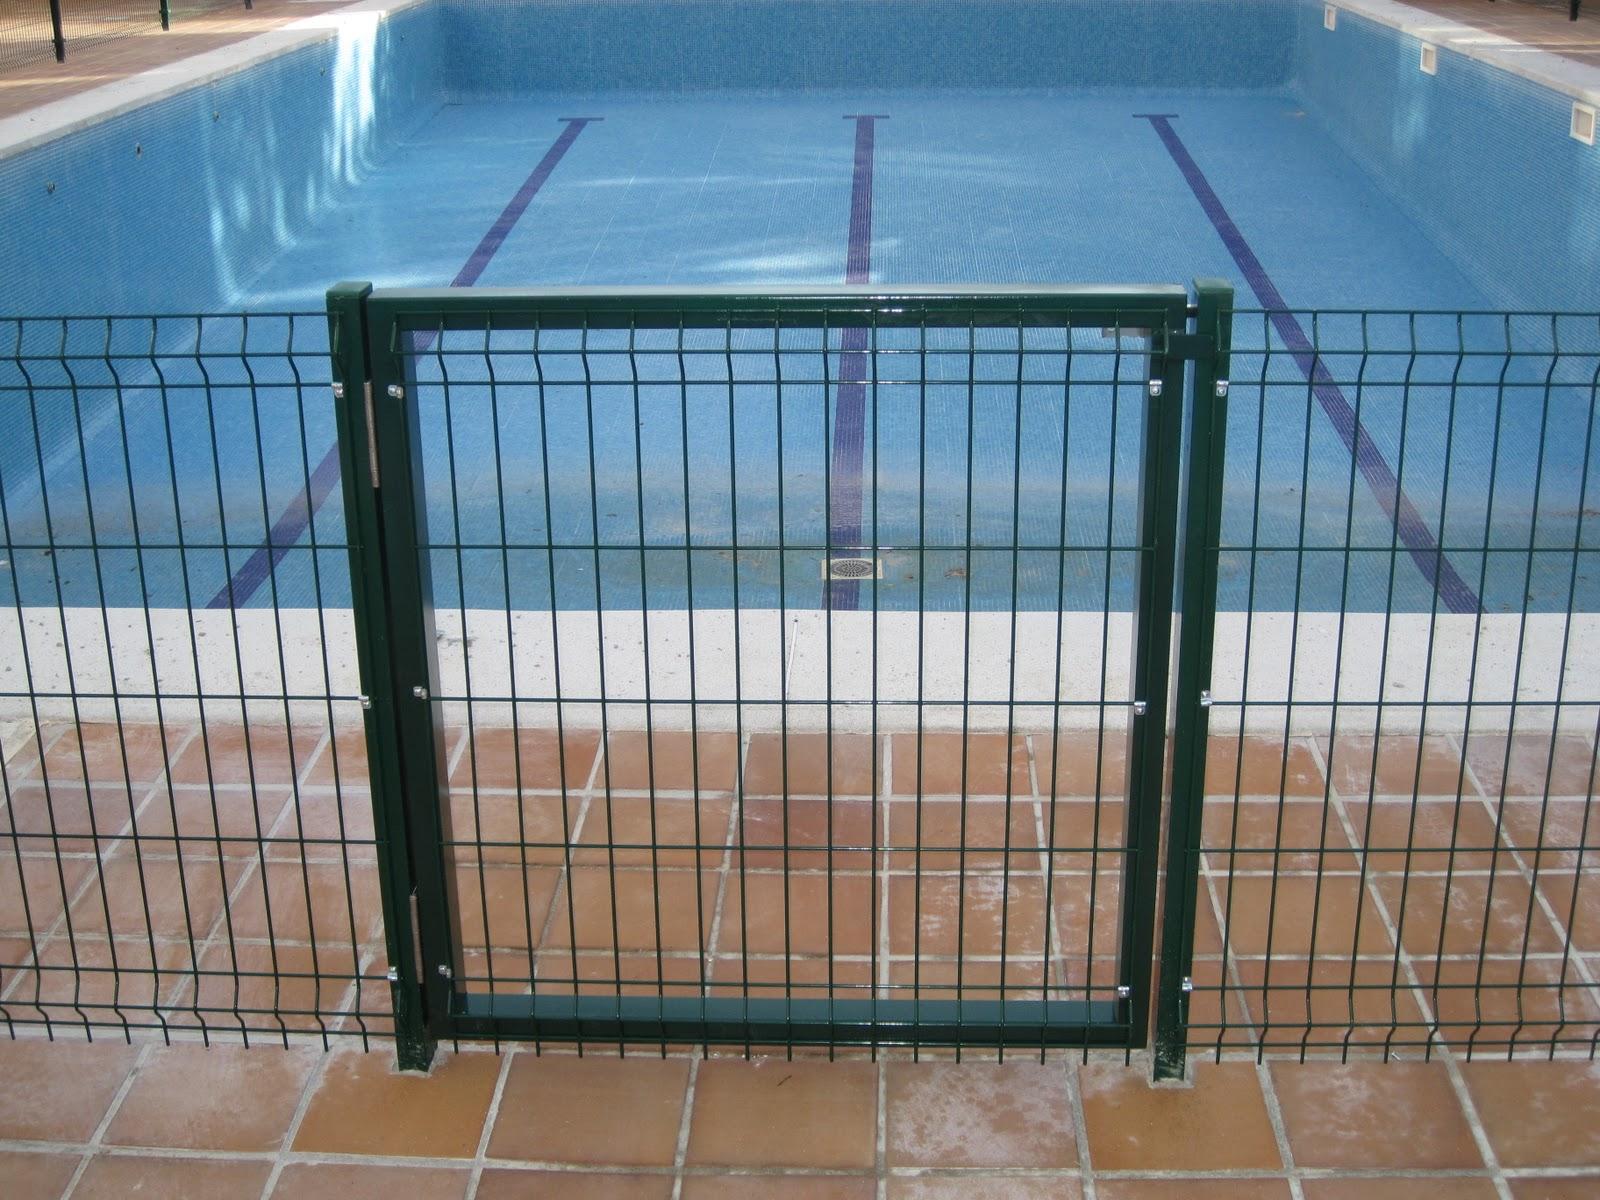 Norbel carpinteria met lica y acero inoxidable cerramiento piscina con malla h rcules - Vallas de madera para piscinas ...